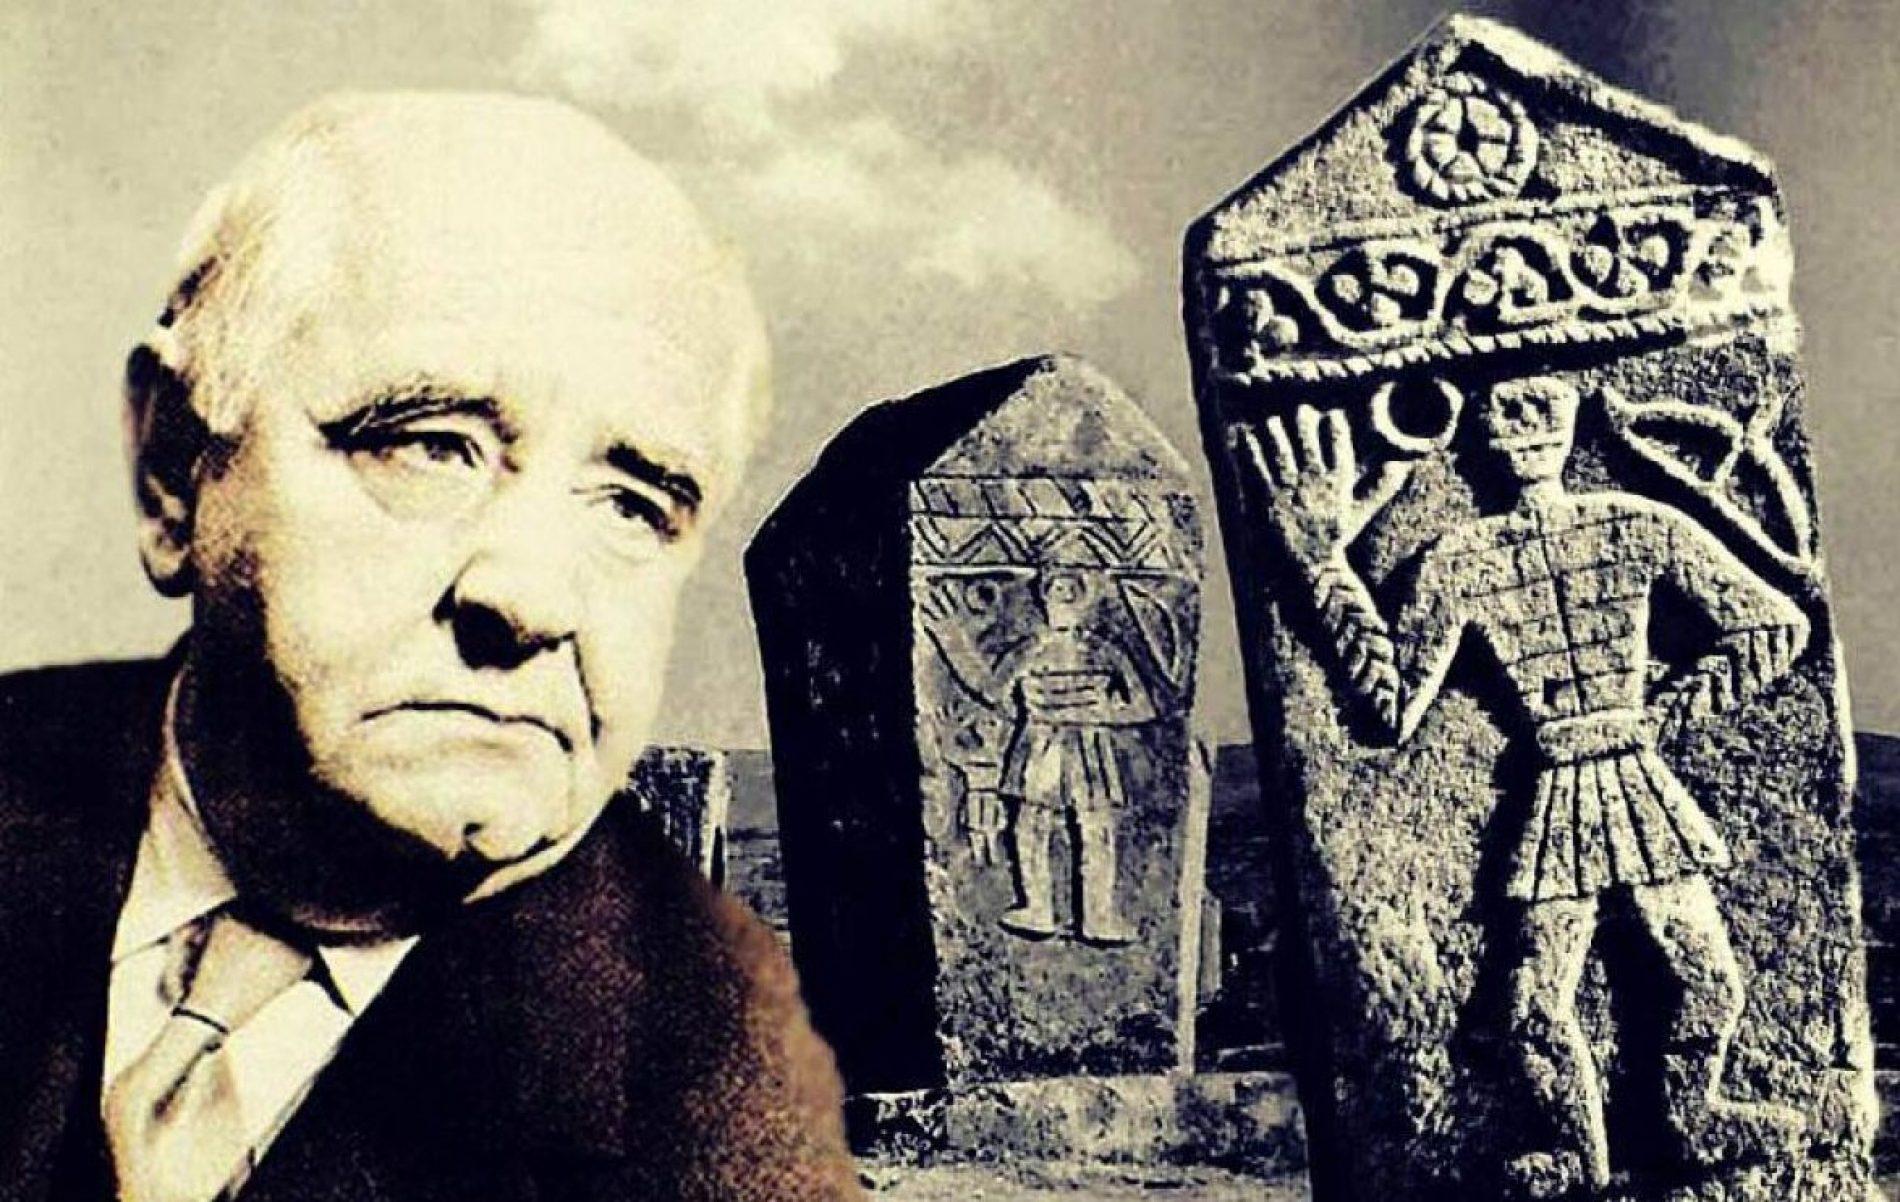 Krleža se divio bosanskoj kulturi te smatrao je nadmoćnom u odnosu na hrvatsku, čak i ukupnu evropsku